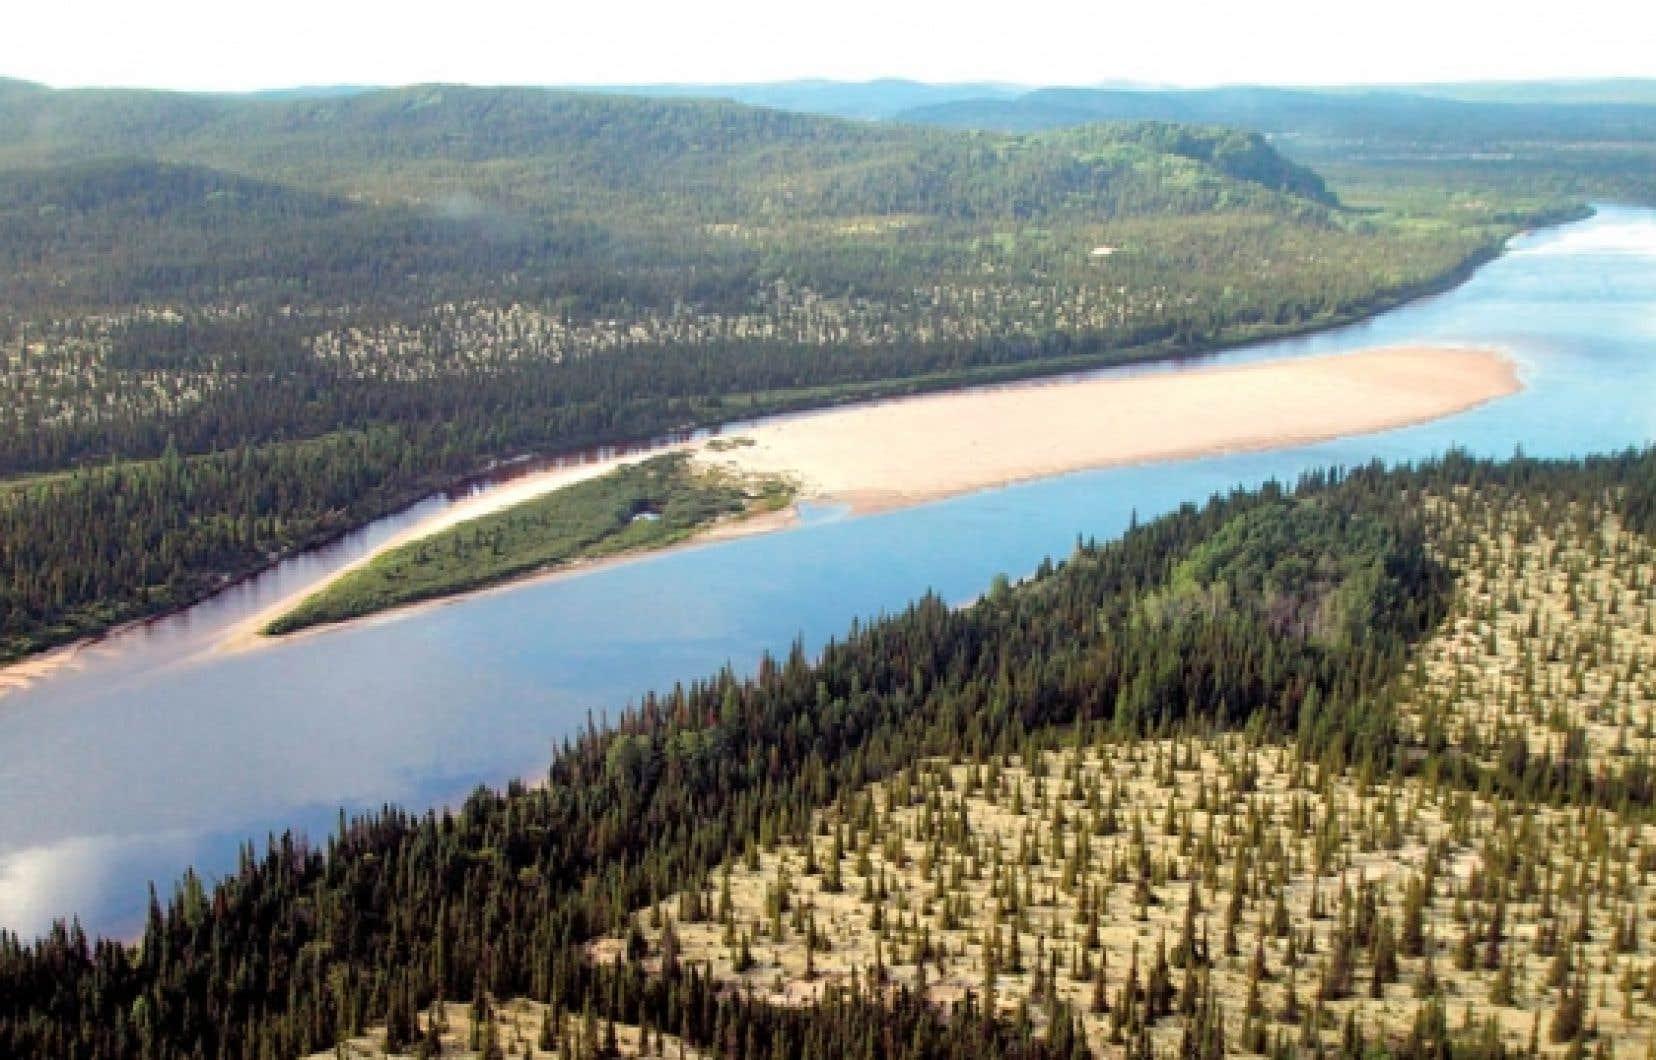 Rivière à saumon longue de près de 500 kilomètres, la Romaine traverse une forêt boréale québécoise exceptionnellement riche en biodiversité.<br />